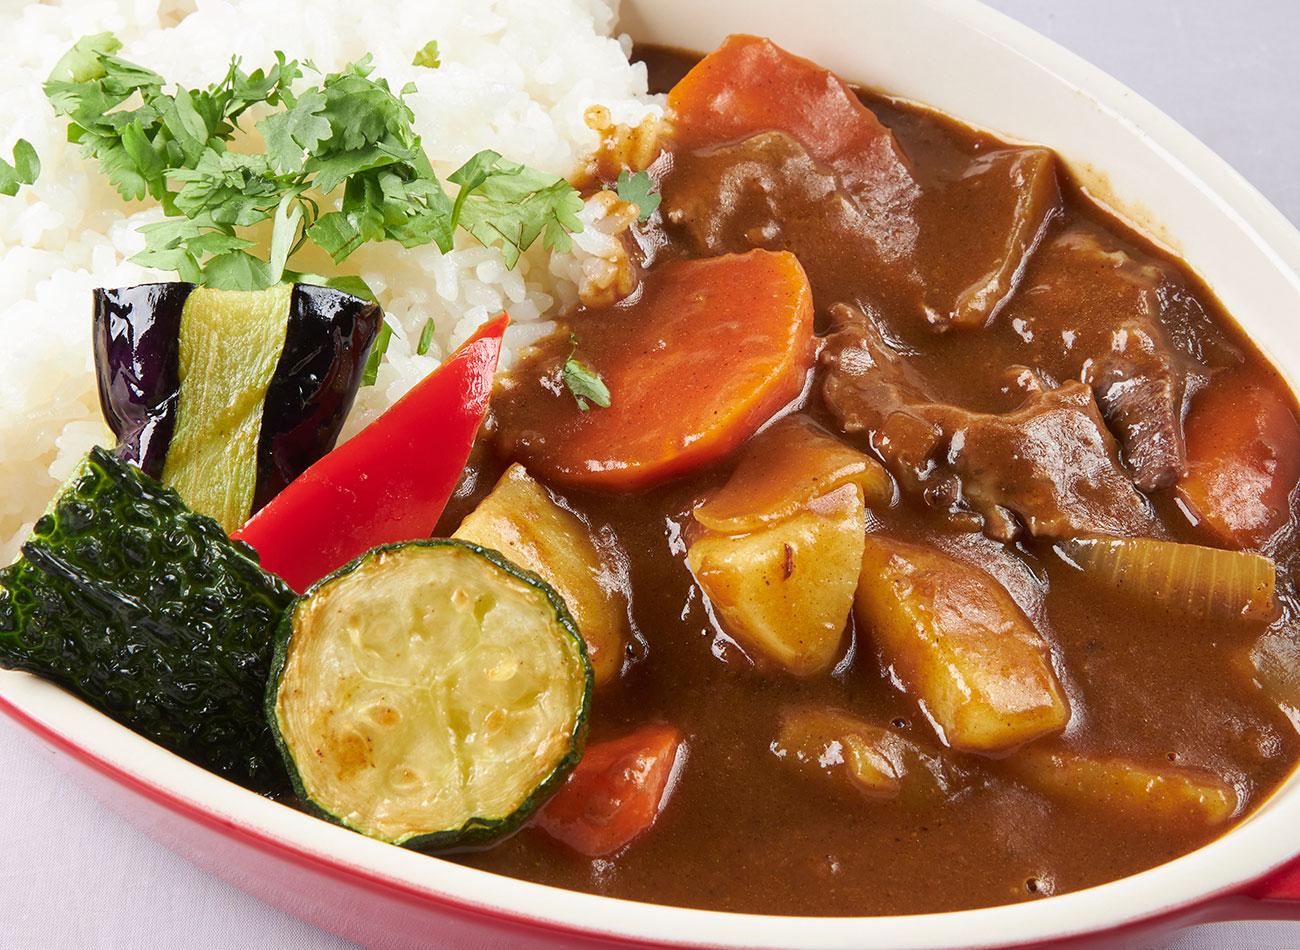 ゴロゴロ野菜の欧風カレー